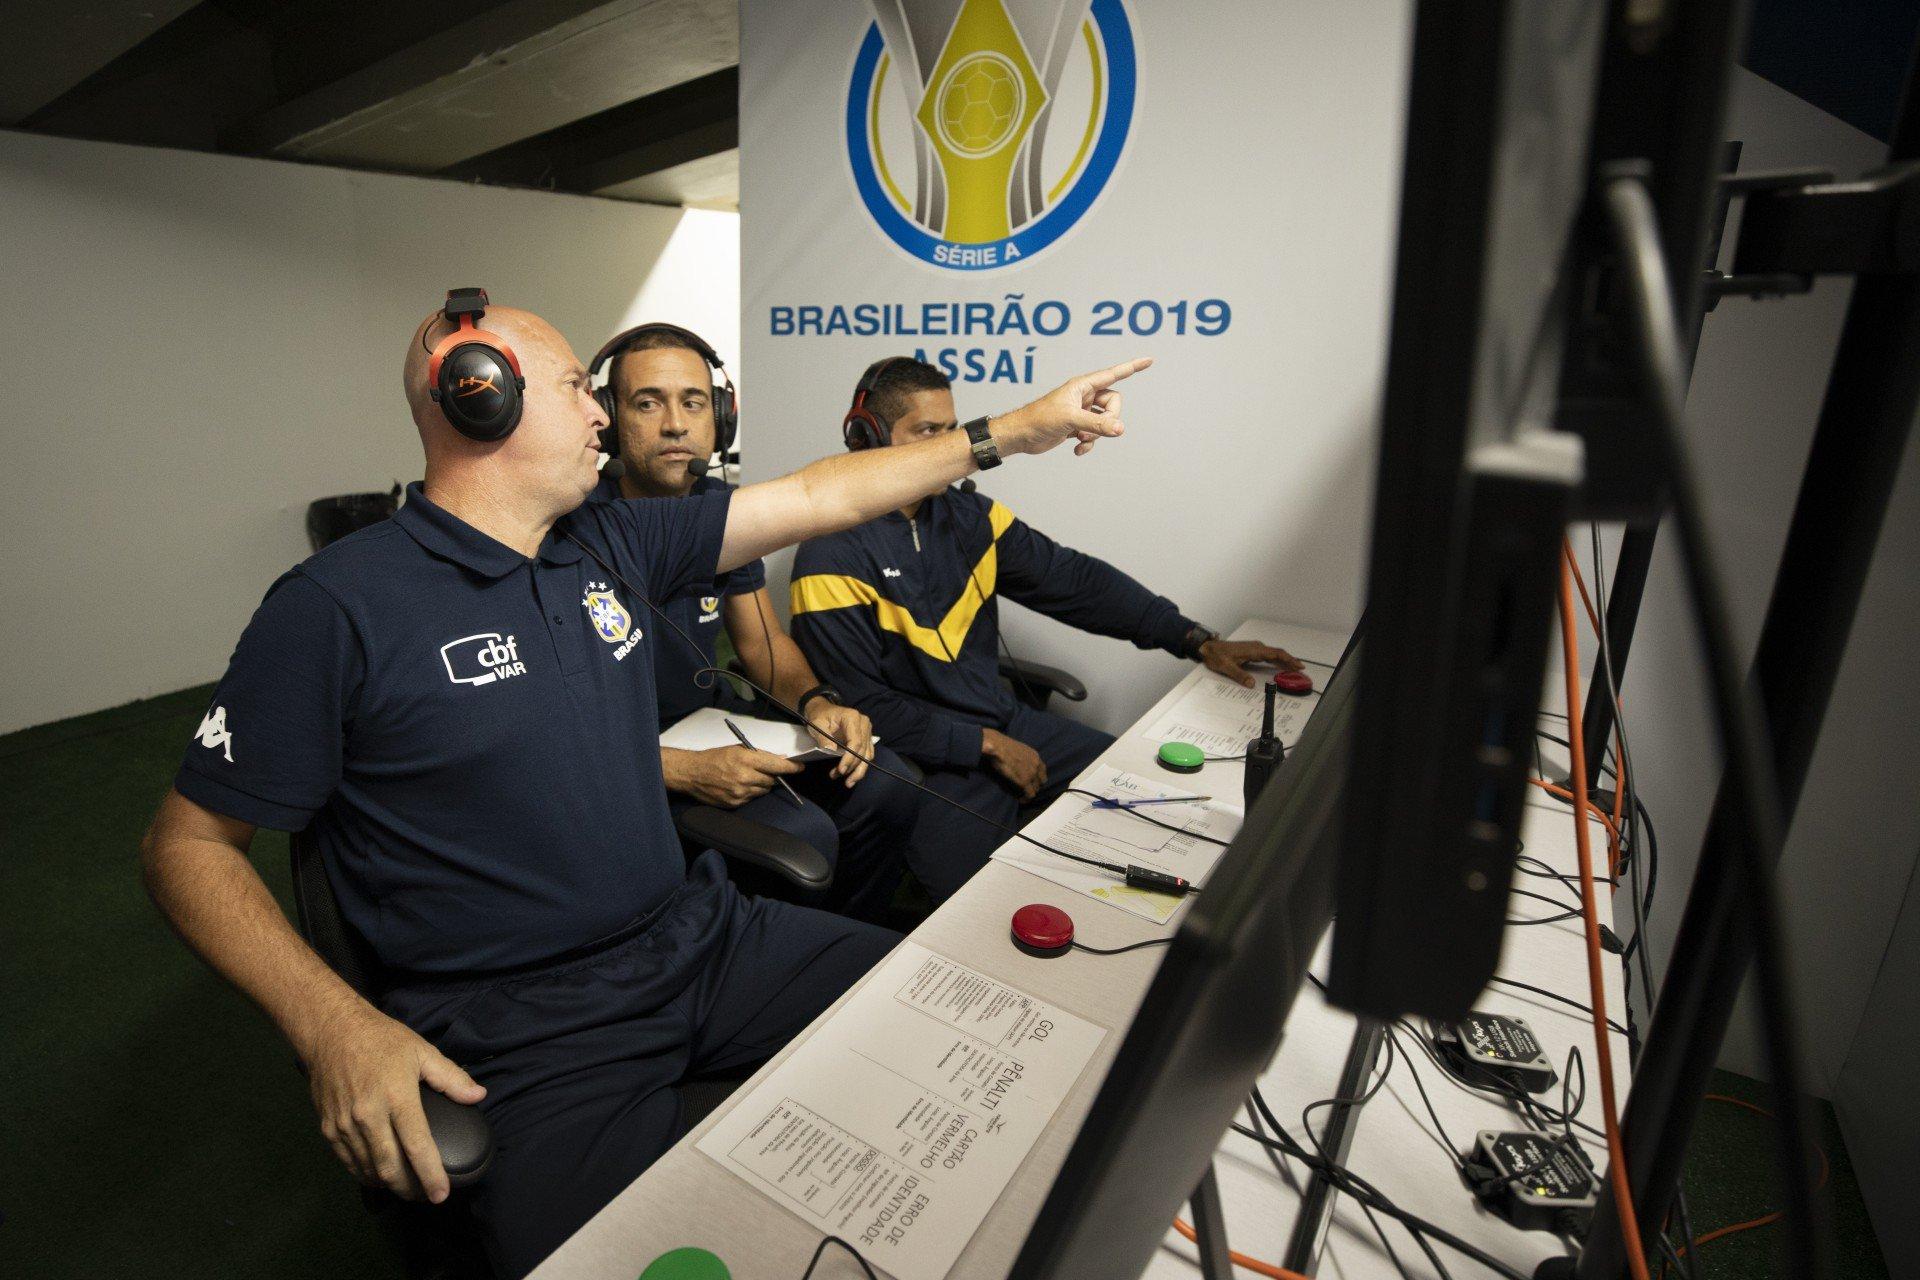 Empresa que opera o VAR na Série B afirma que 'não houve problema tecnológico' em jogo do Vasco